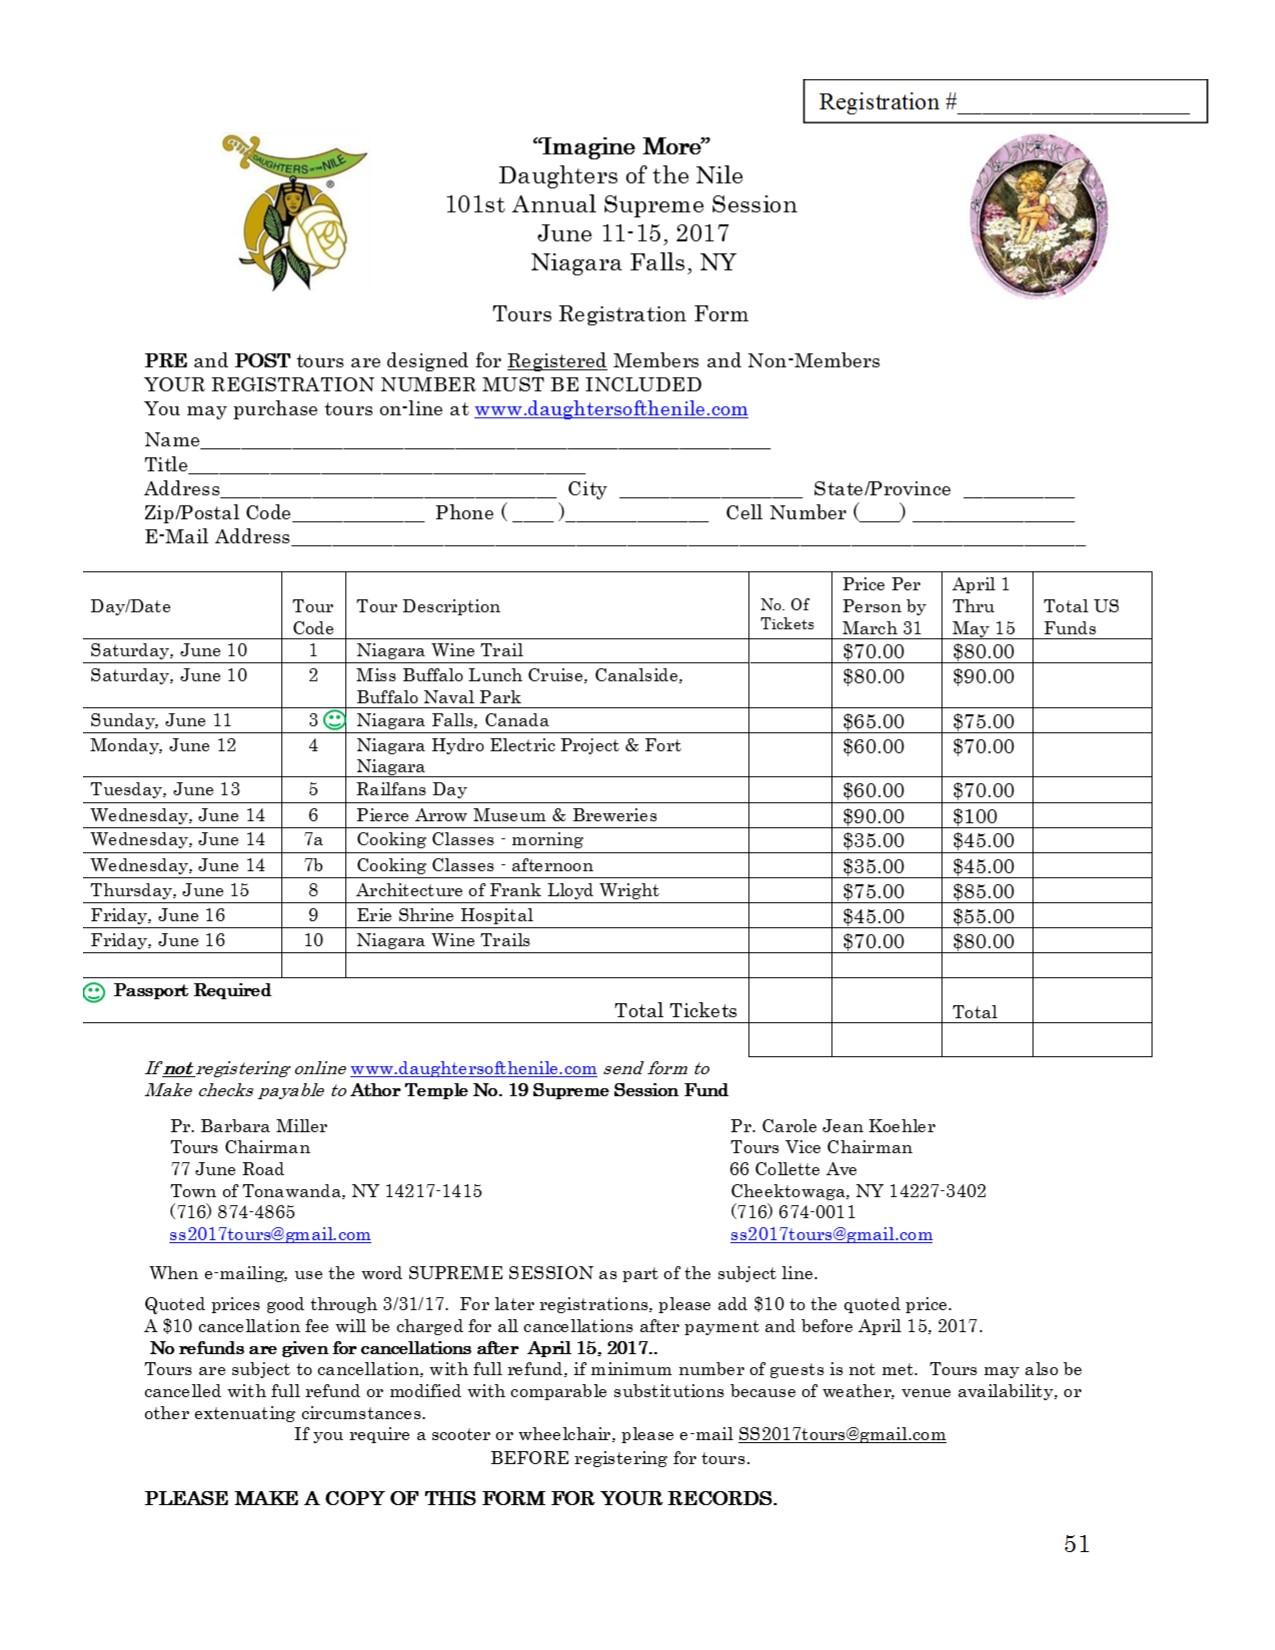 51 Tour Registration form